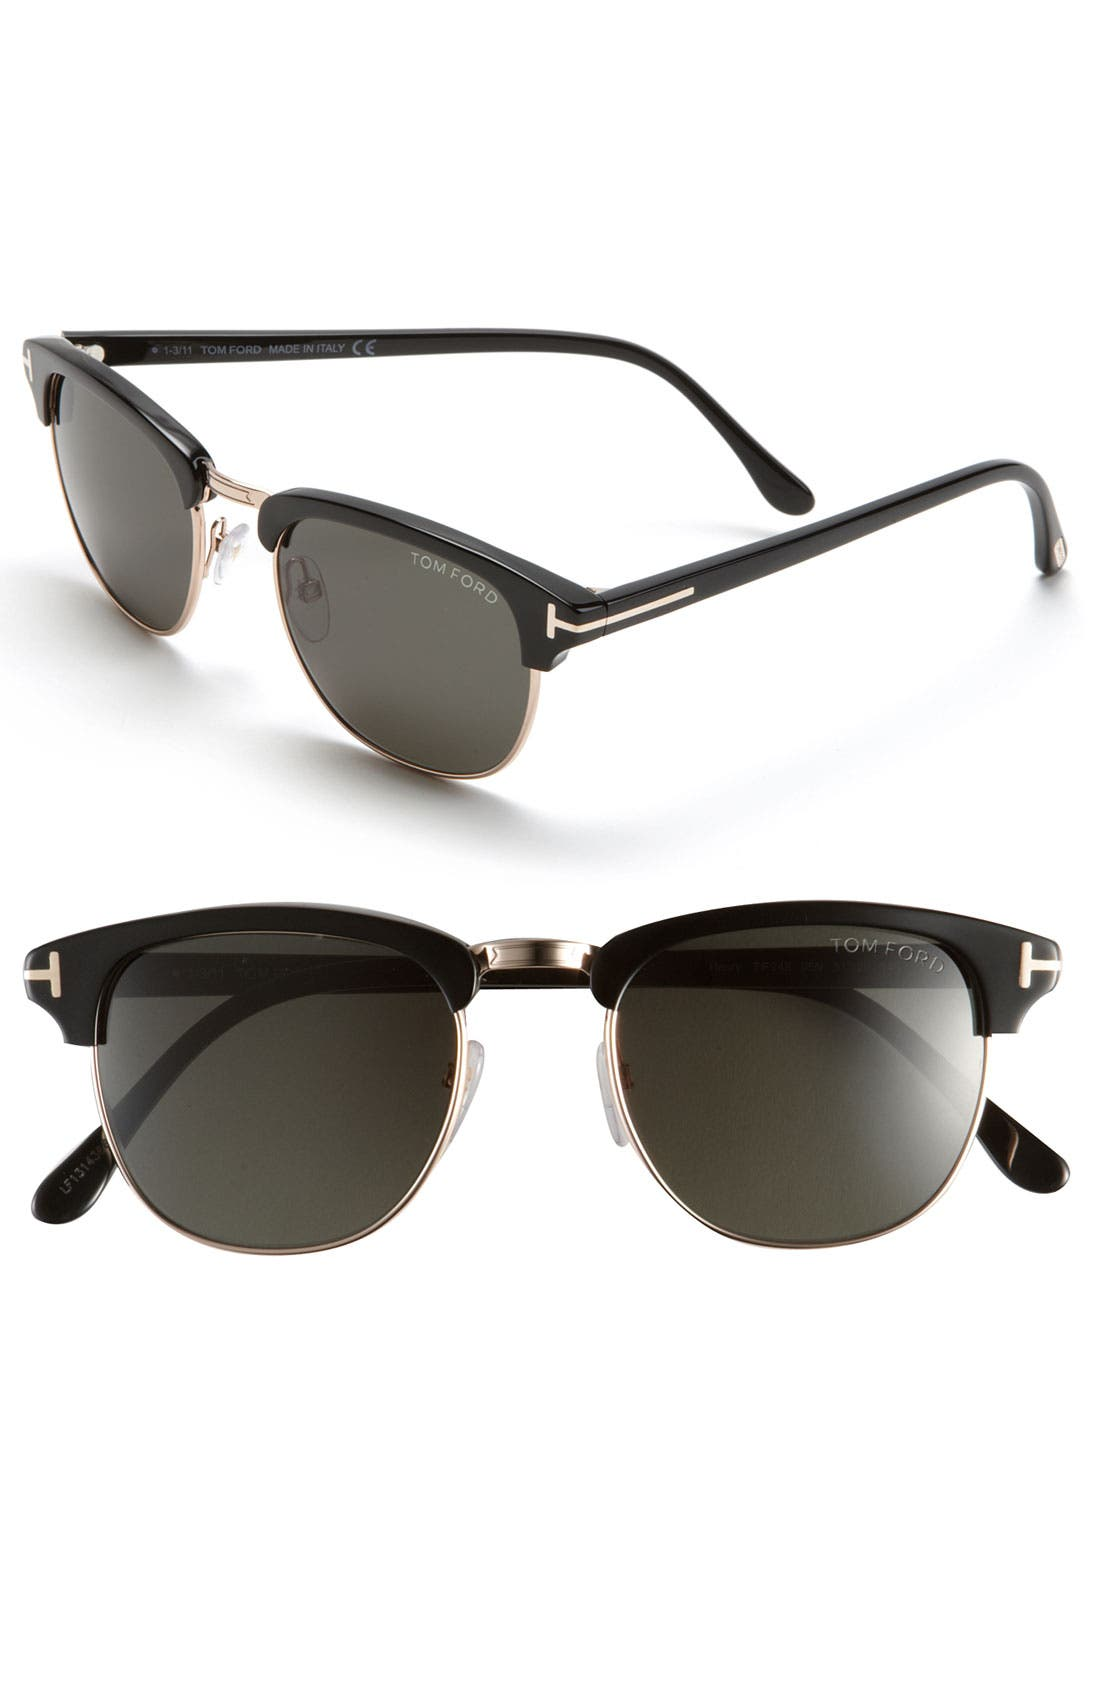 Alternate Image 1 Selected - Tom Ford 'Henry' 51mm Retro Sunglasses